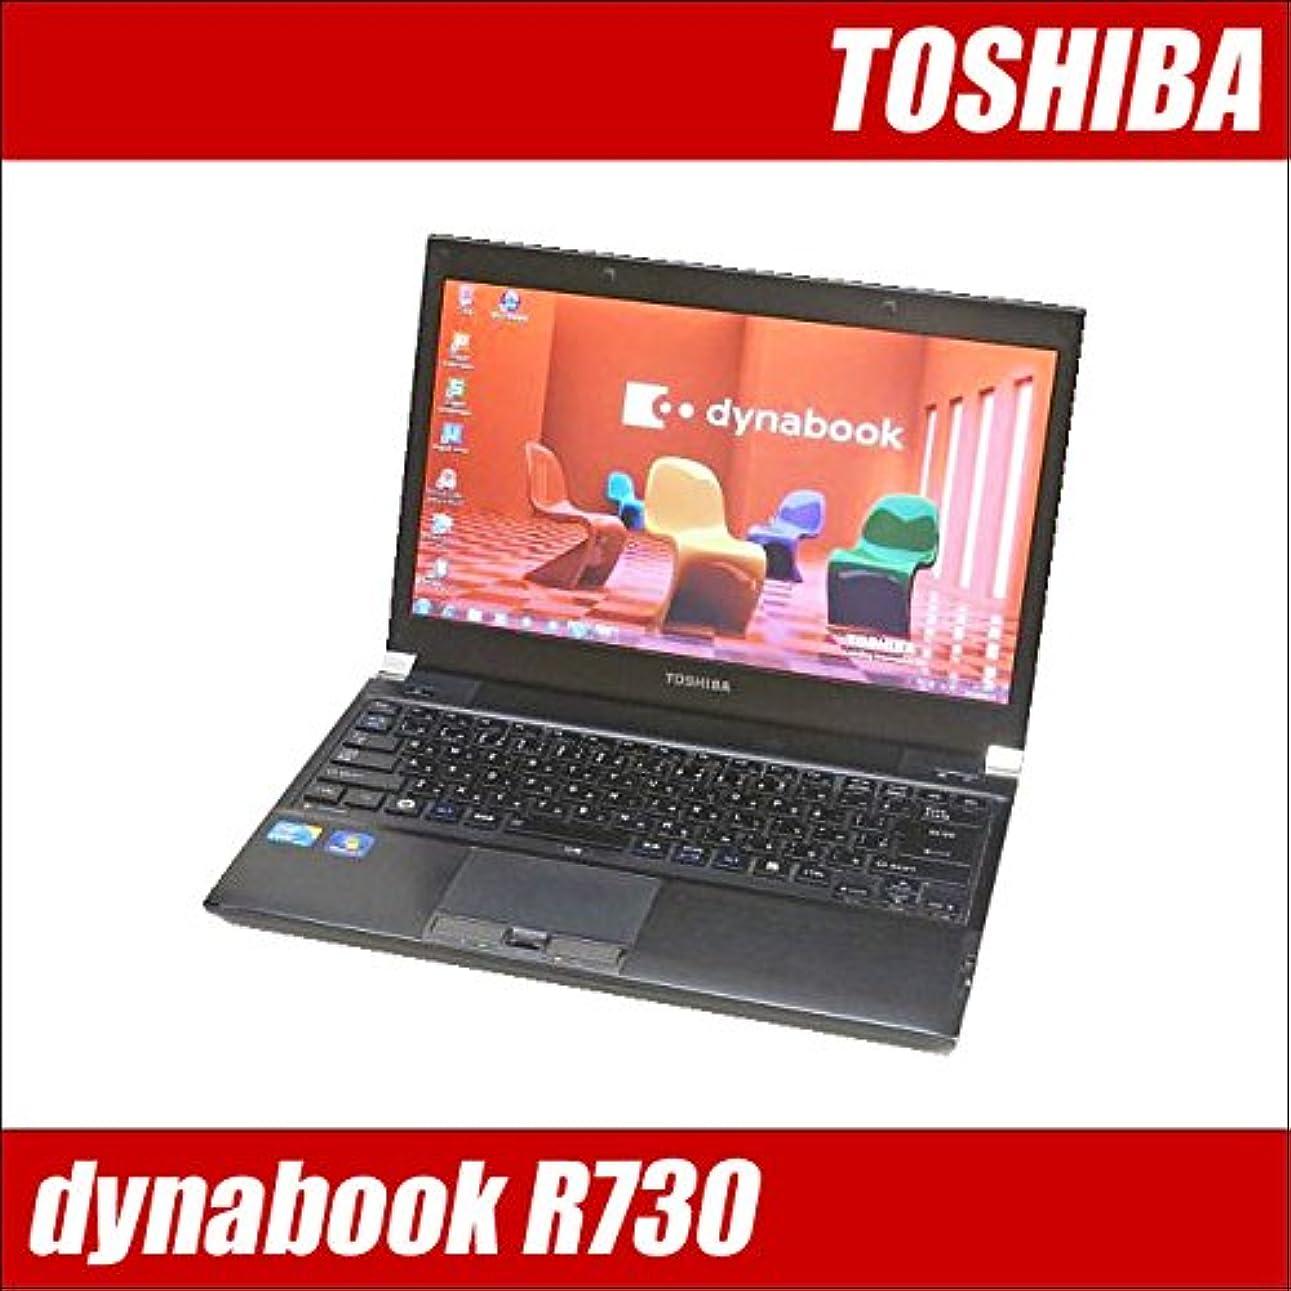 彼は冷ややかなつぶやき東芝 dynabook R730/B Windows7-Pro64bit インテルCore i3:2.53GHz MEM:4GB SSD:128GB 無線LAN内蔵 WPS Office付き